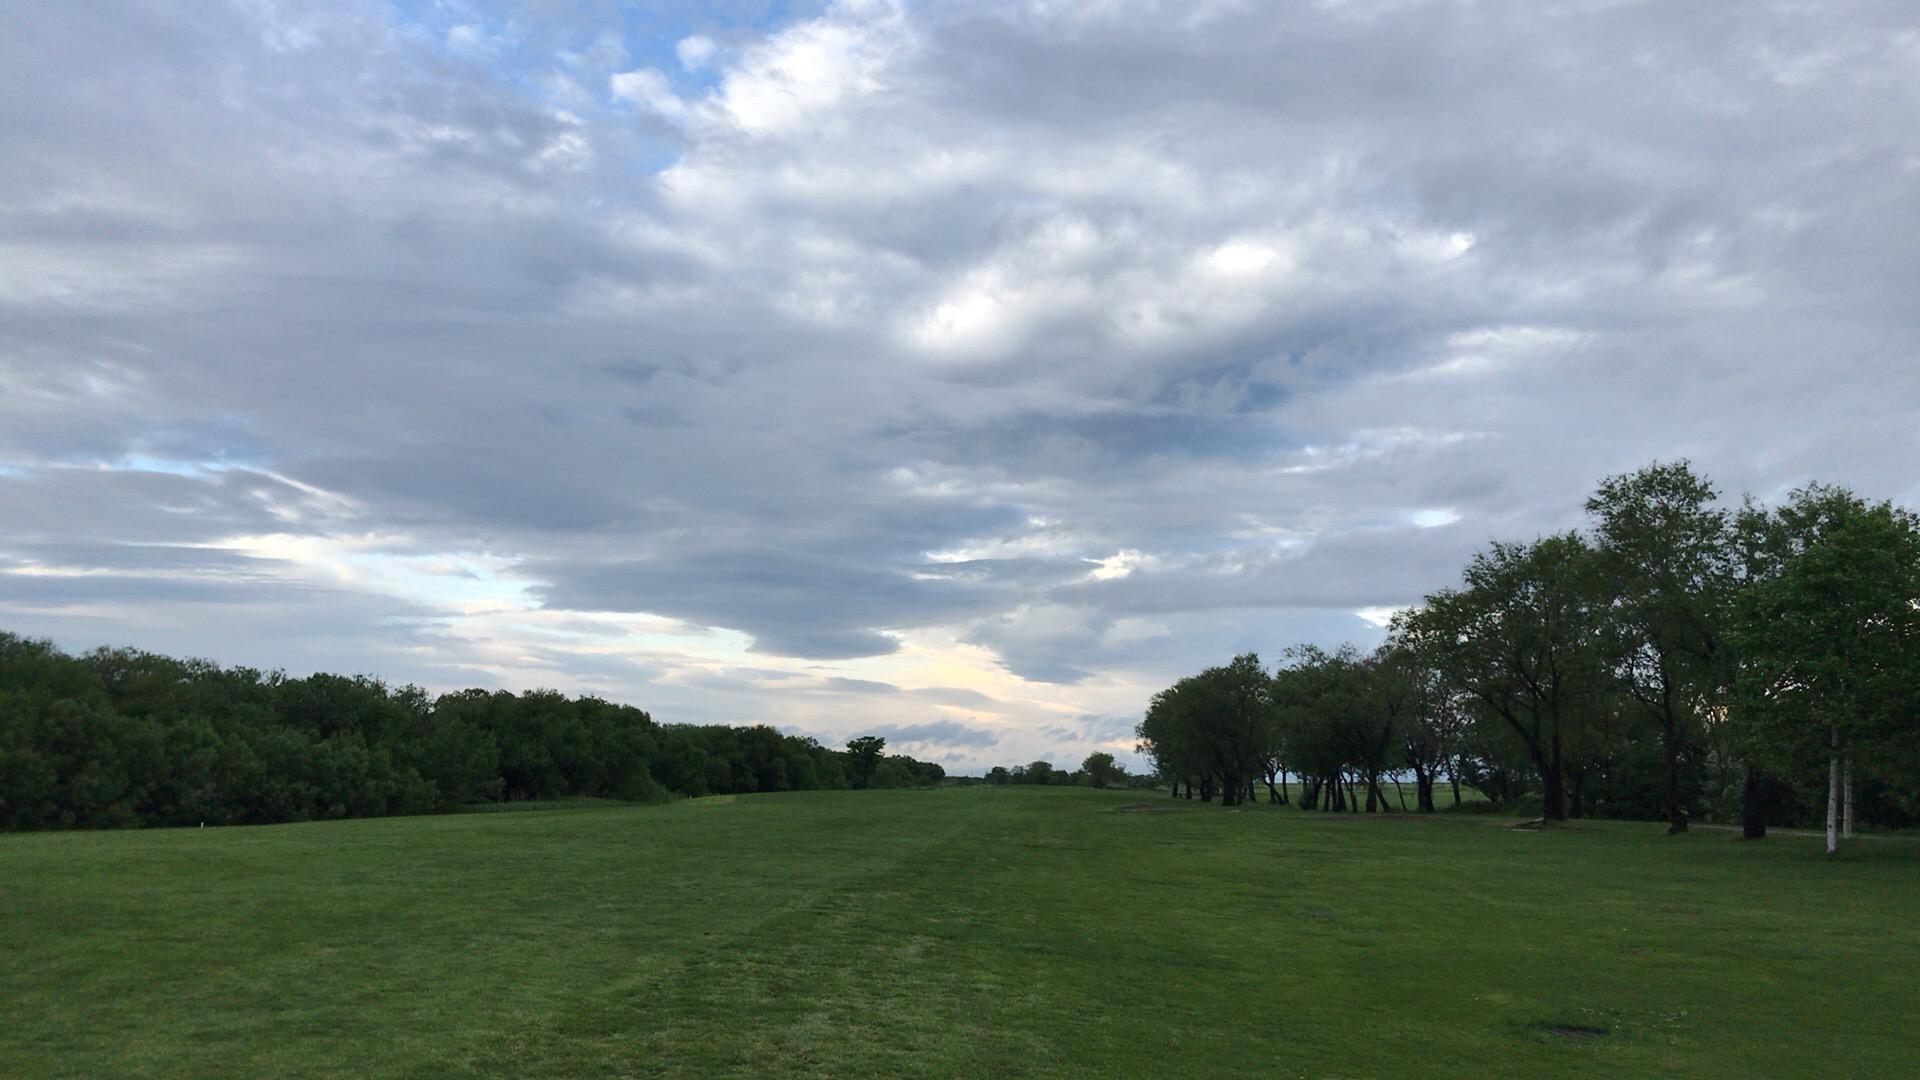 ニューしのつゴルフ場で雨上がり早朝ラウンド